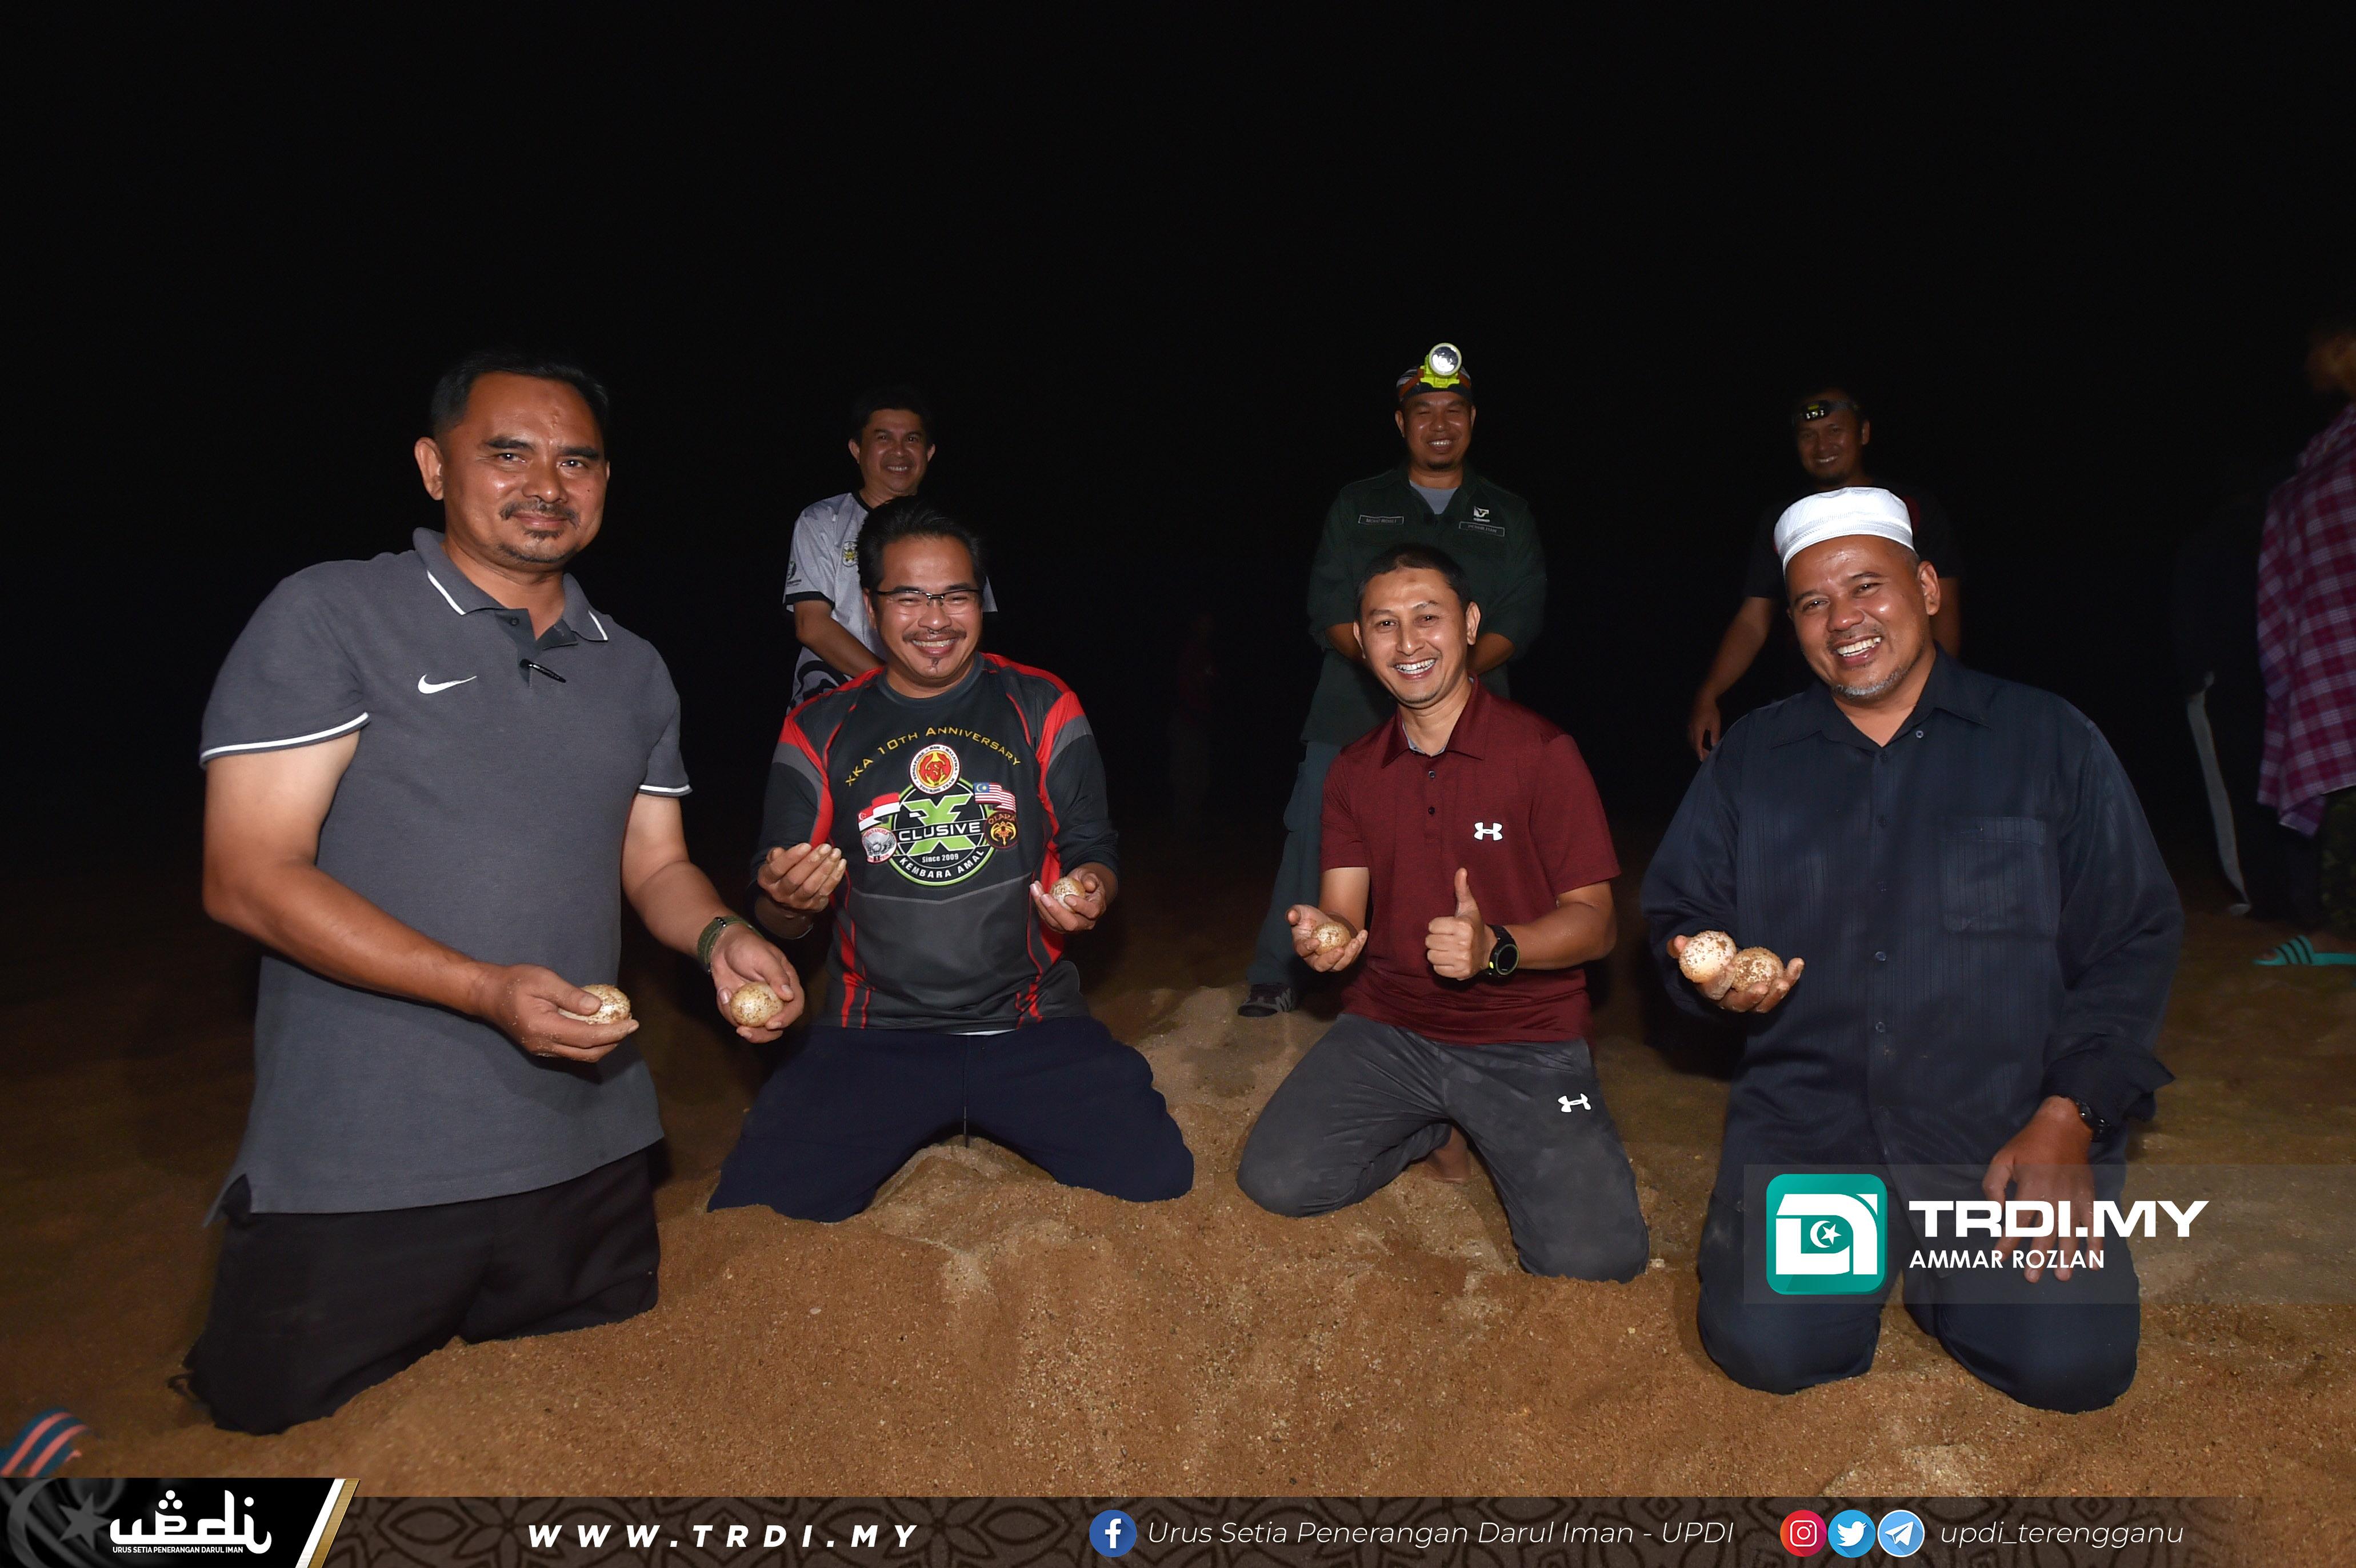 Kawasan Pendaratan Tuntung Jadi Pusat Pelancongan Komuniti Kerajaan negeri berhasrat untuk menjadikan kawasan pendaratan tuntung di Kampung Temir sebagai pusat pelancongan berteraskan komuniti.